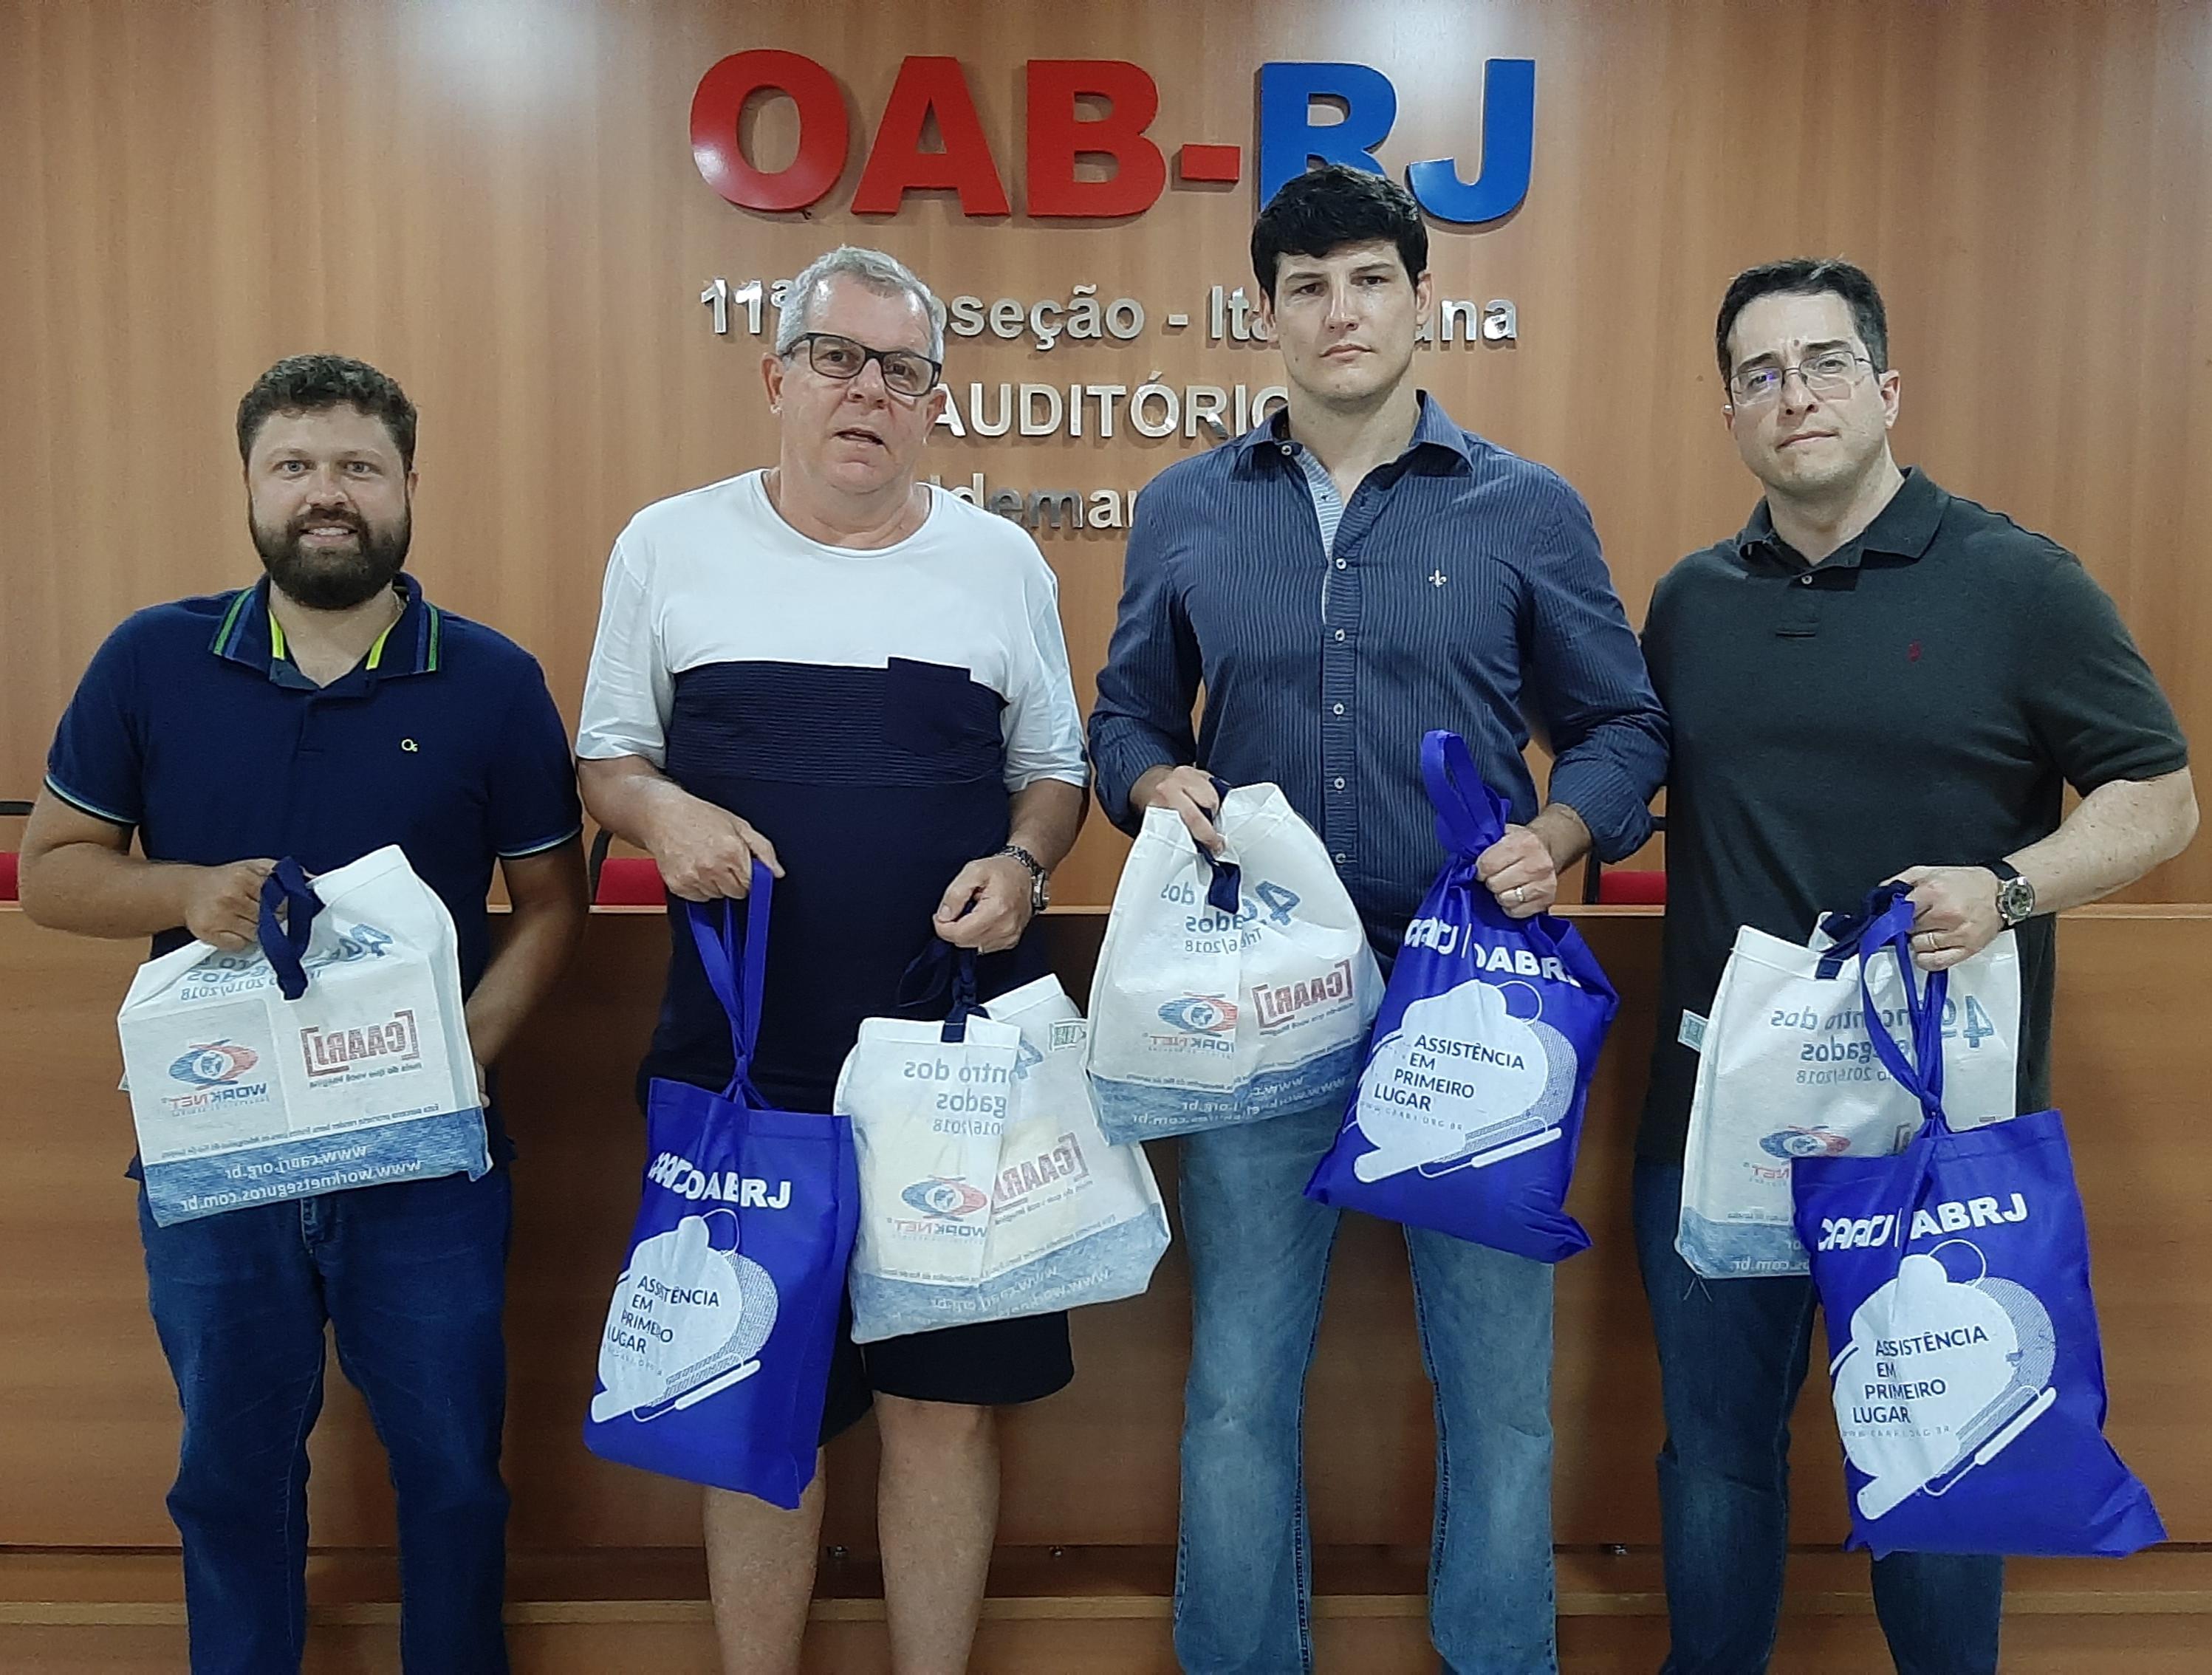 Caarj E OAB Assistem As  Vítimas Das Enchentes No Noroeste Fluminense